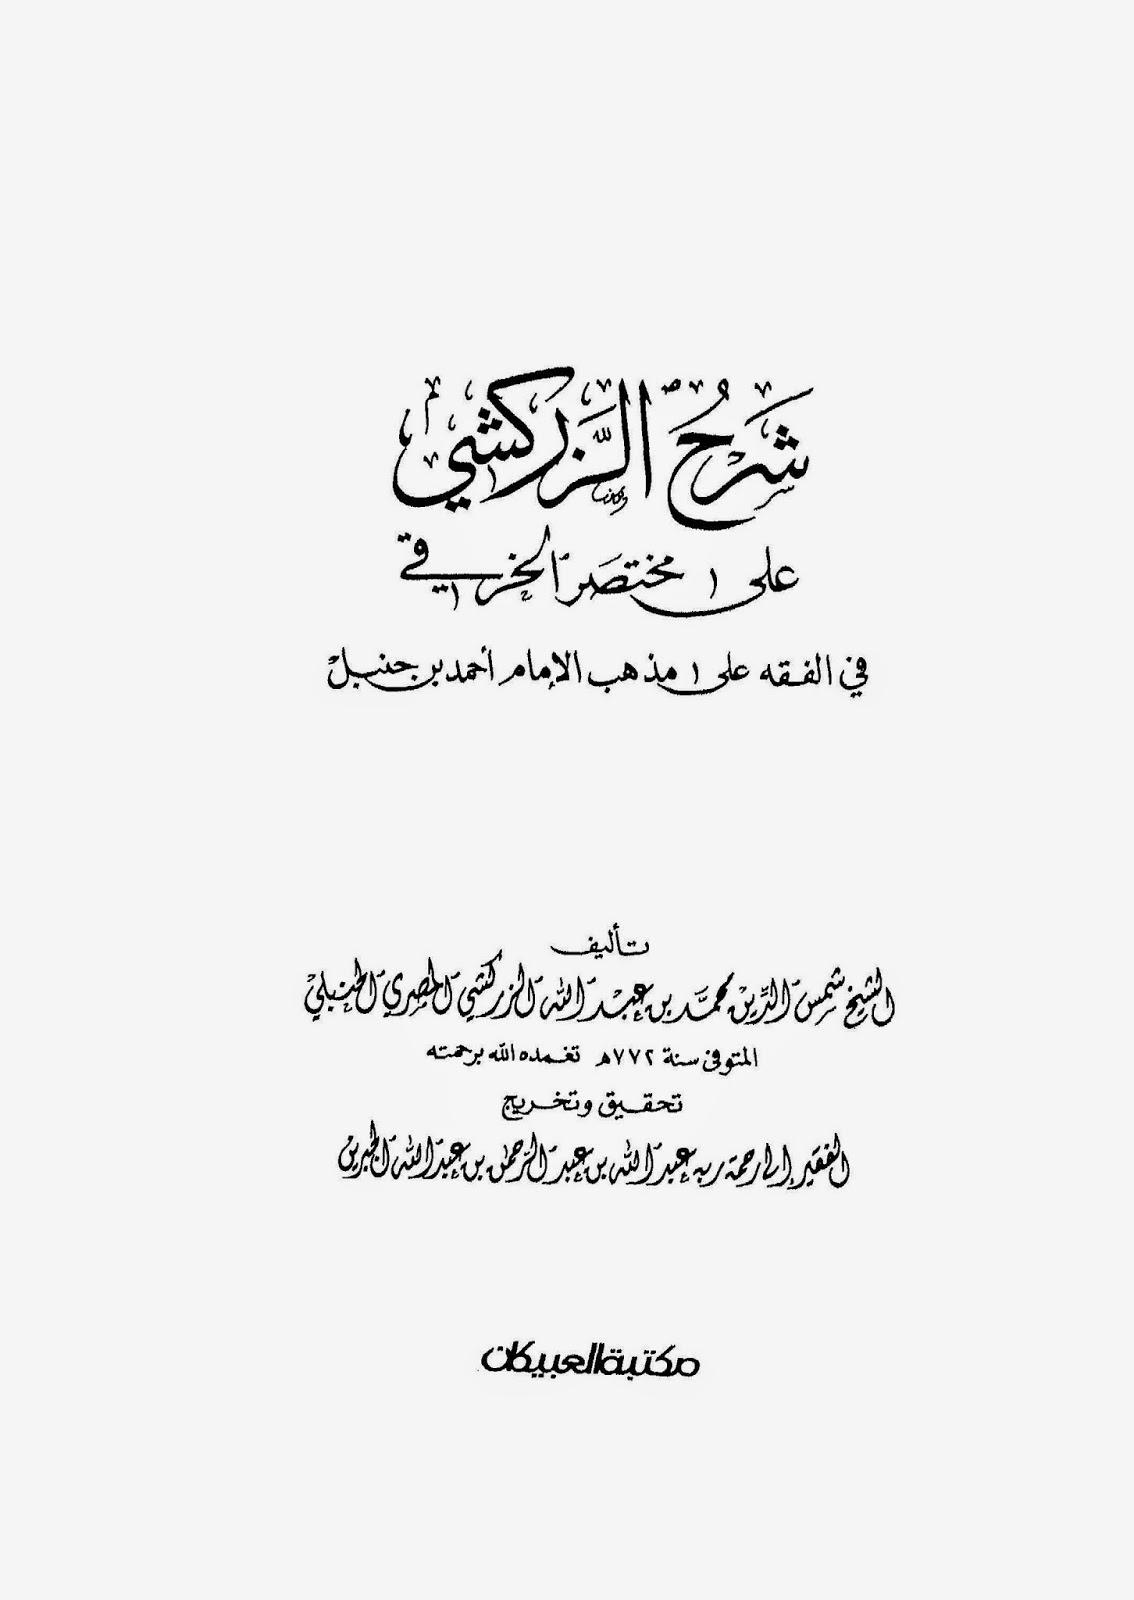 شرح الزركشي على مختصر الخرقي في الفقه على مذهب الإمام أحمد بن حنبل لـ شمس الدين الزركشي